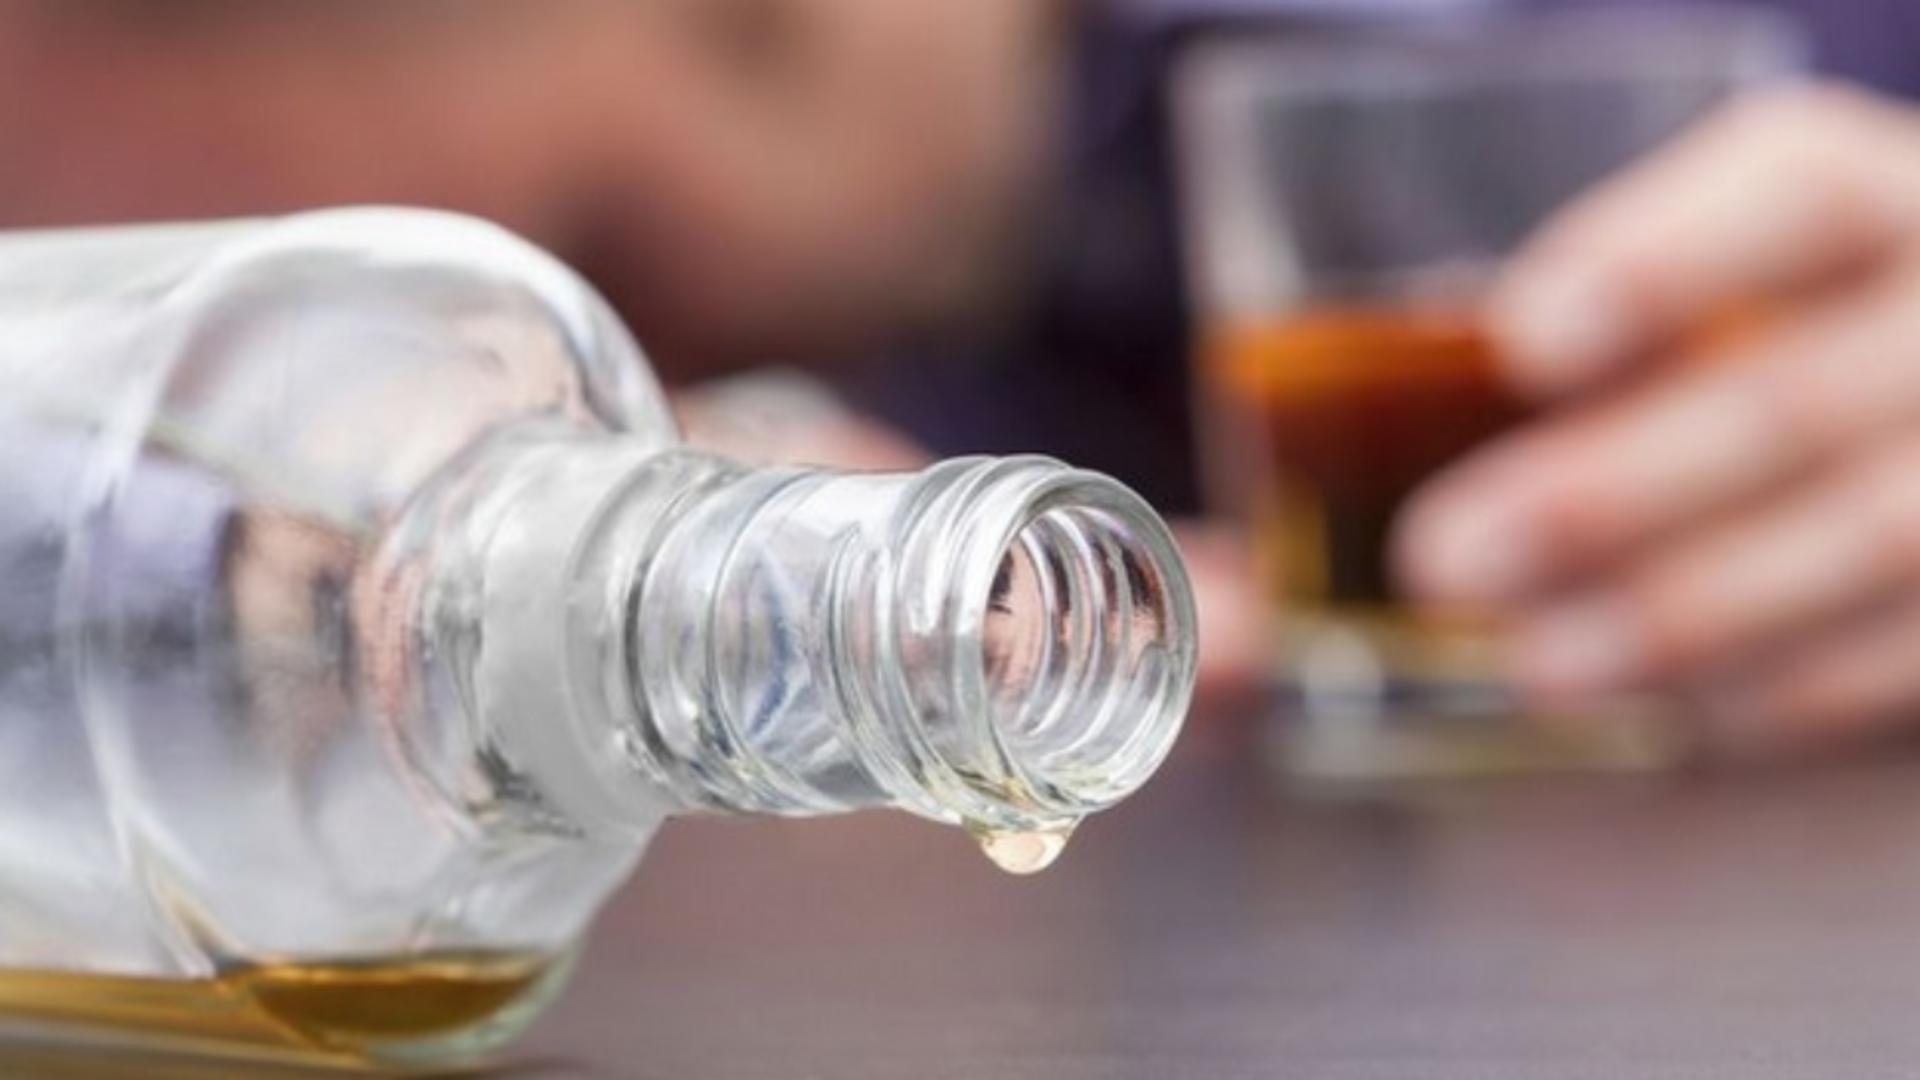 Cât alcool a putut să bea un tânăr din Buzău înainte de a-și ucide tatăl, în fața unui copil de 12 ani